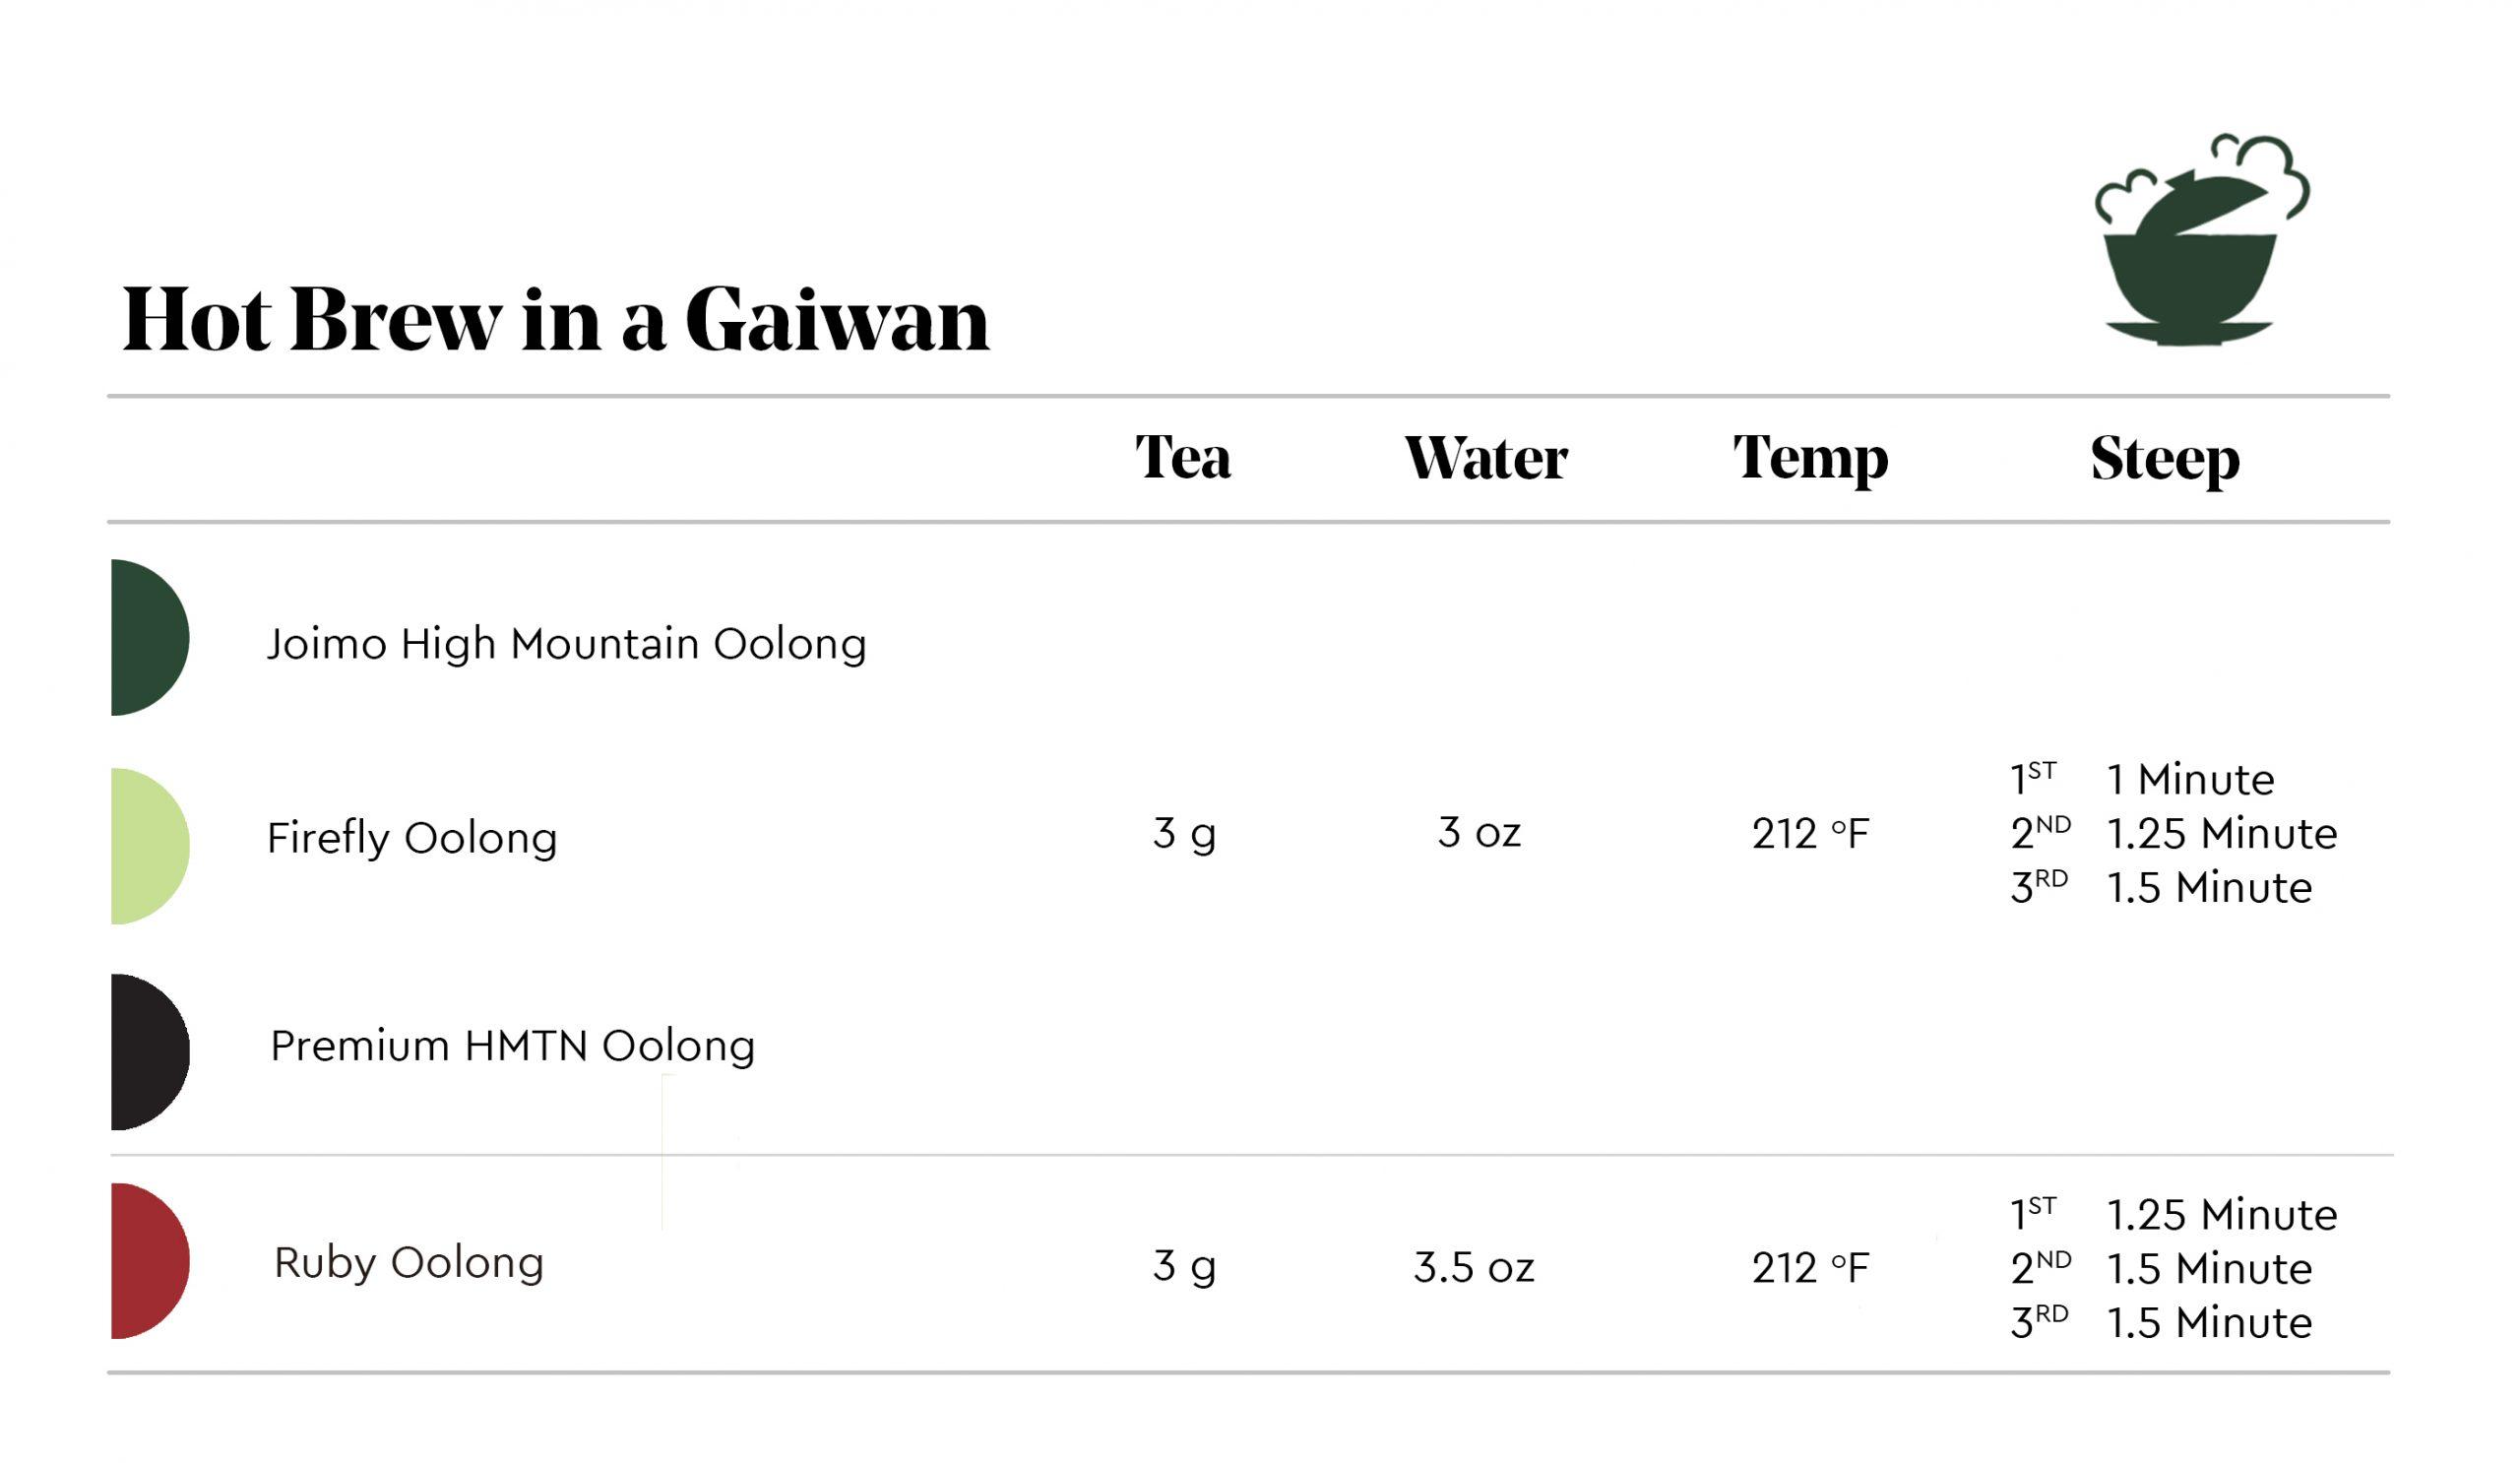 Brew Guide - Hot Brew in a Gaiwan